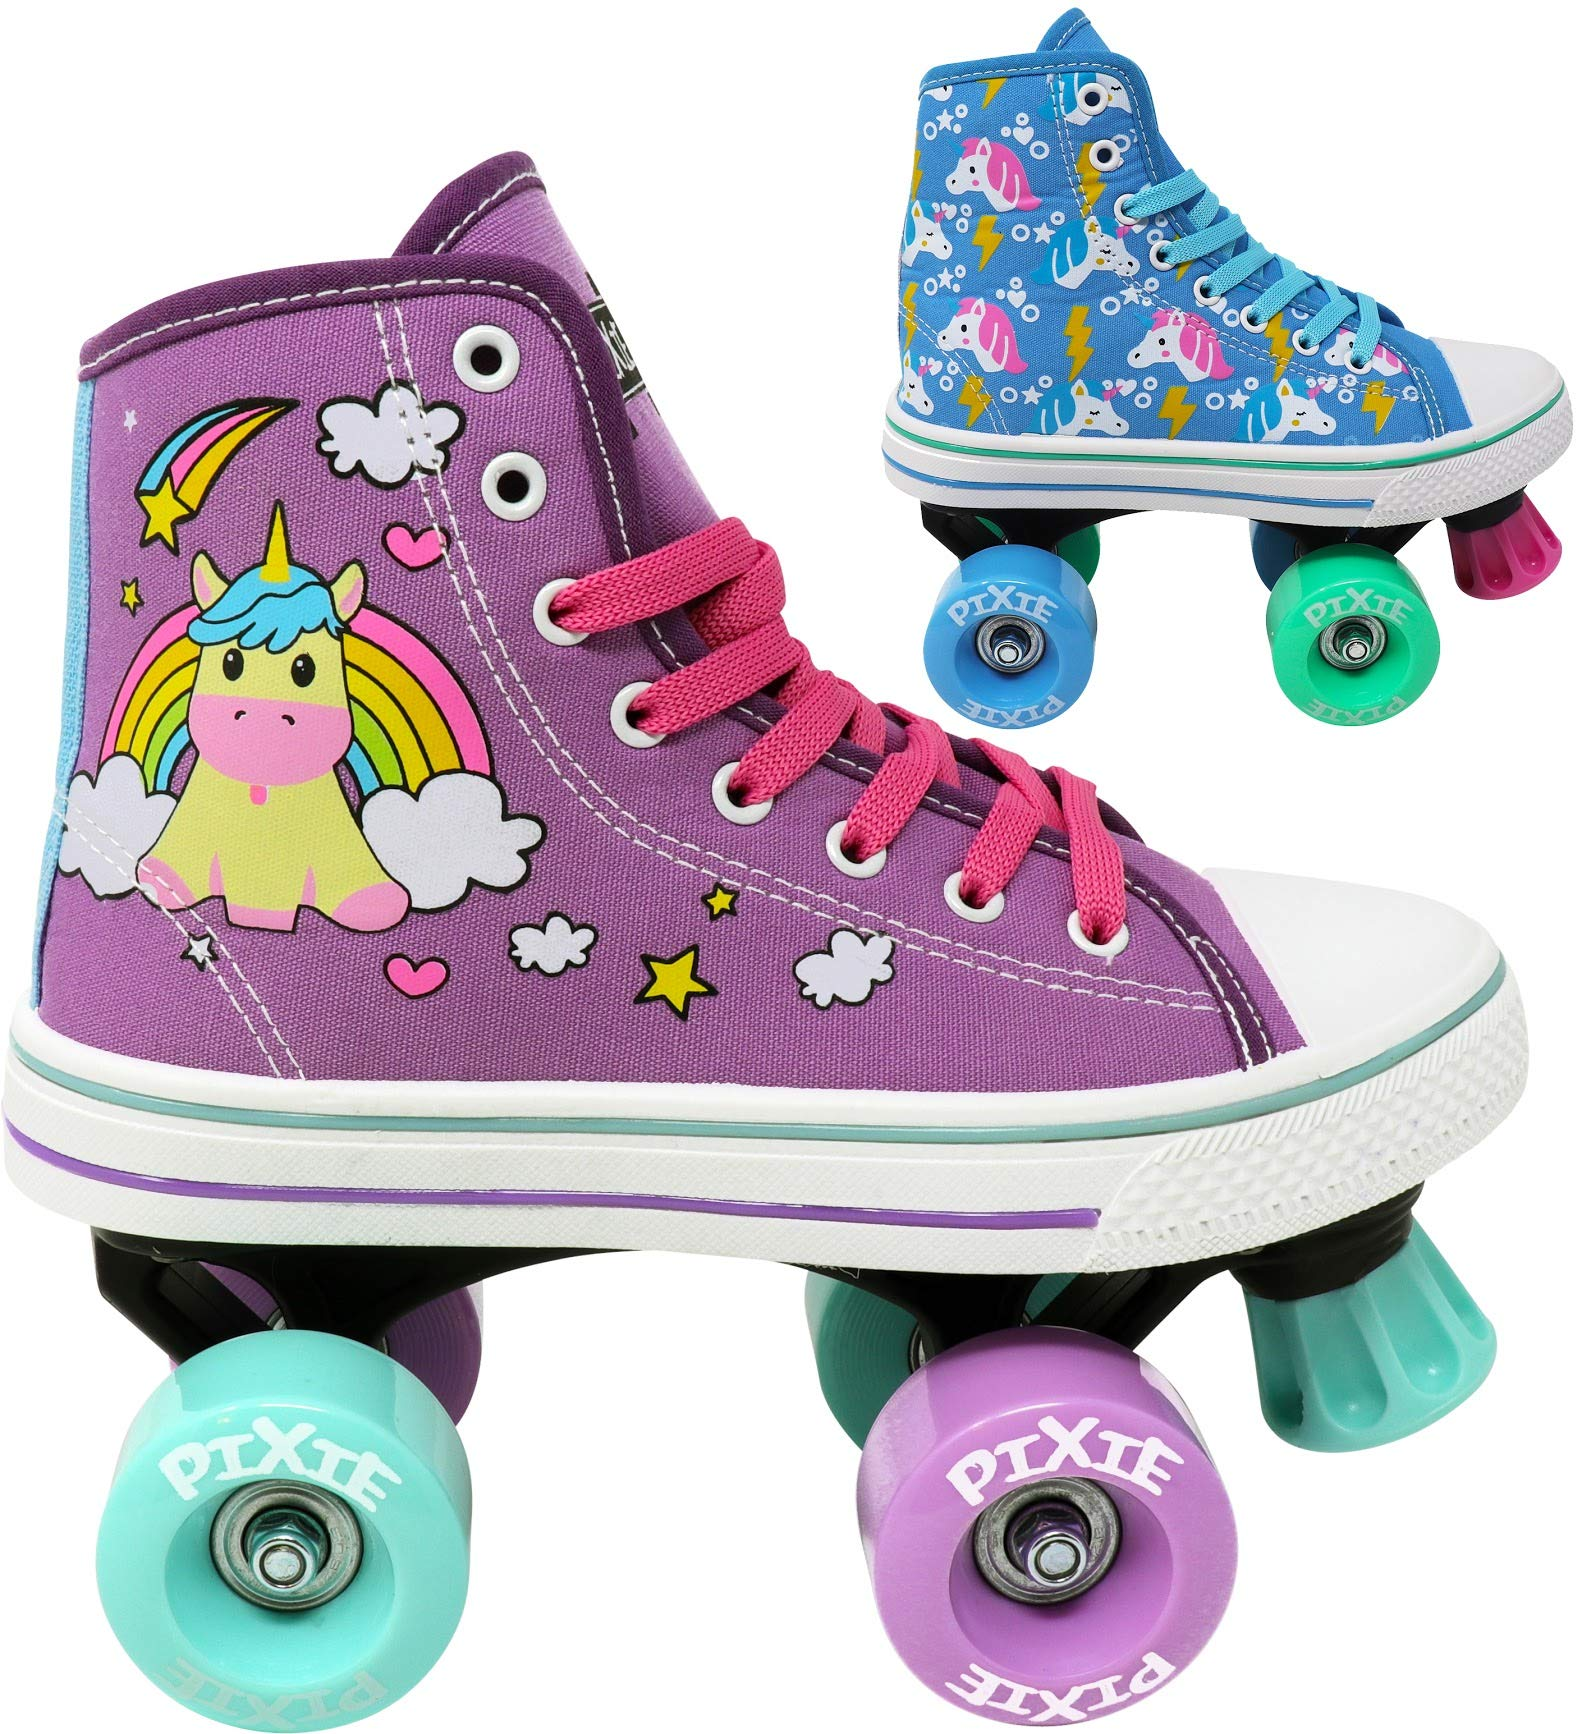 Lenexa Roller Skates for Girls - Pixie Unicorn Kids Quad Roller Skate - Indoor, Outdoor, Derby Children's Skate - Rollerskates Made for Kids - High Top Sneaker Style - Great for Beginner (Purple, J11)